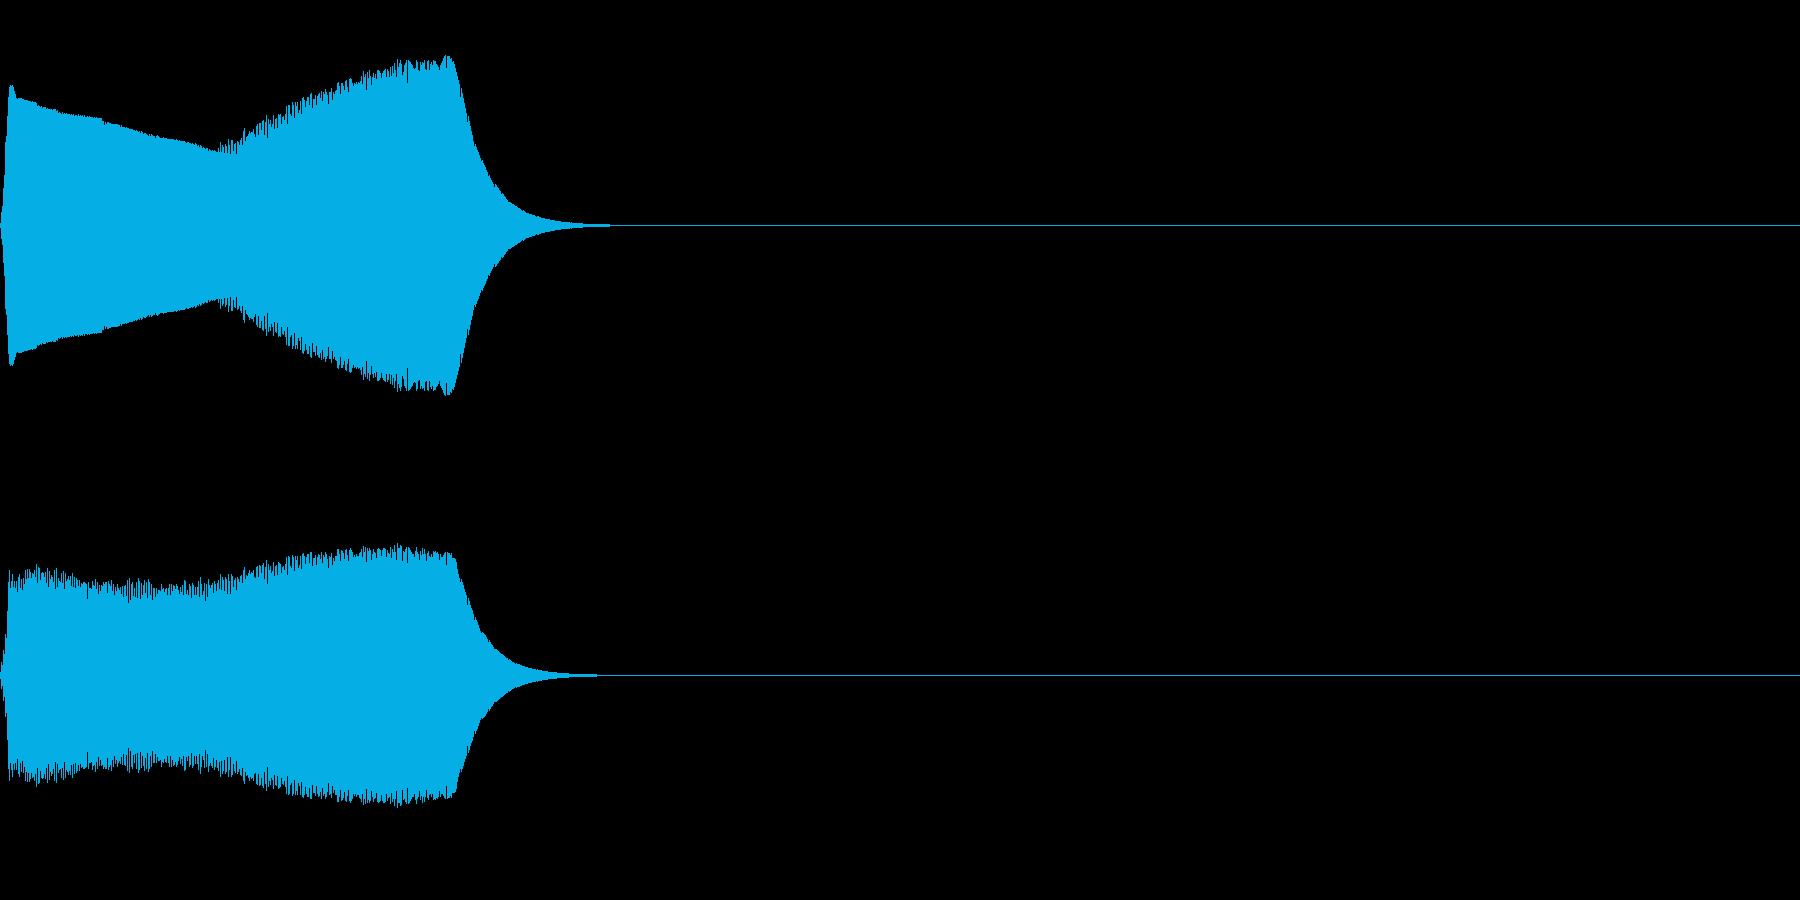 ジャンプ音03(ピヨッ)の再生済みの波形